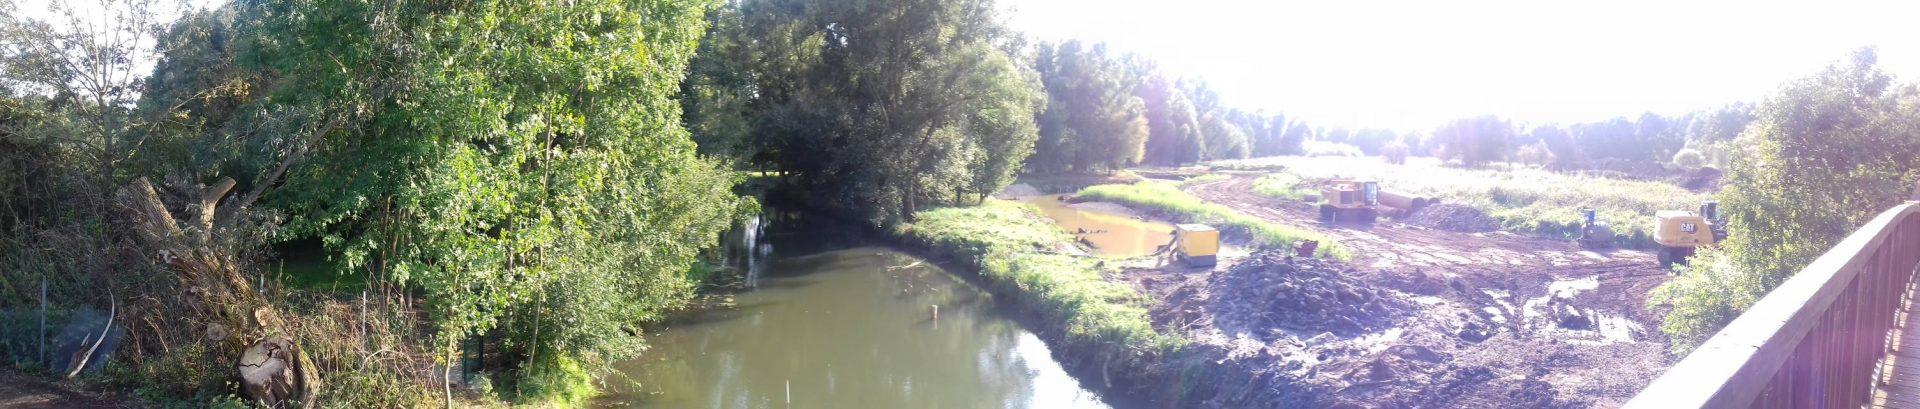 Panoramaversion des vorherigen Bildes. Das Foto ist größenteils übersteuert.